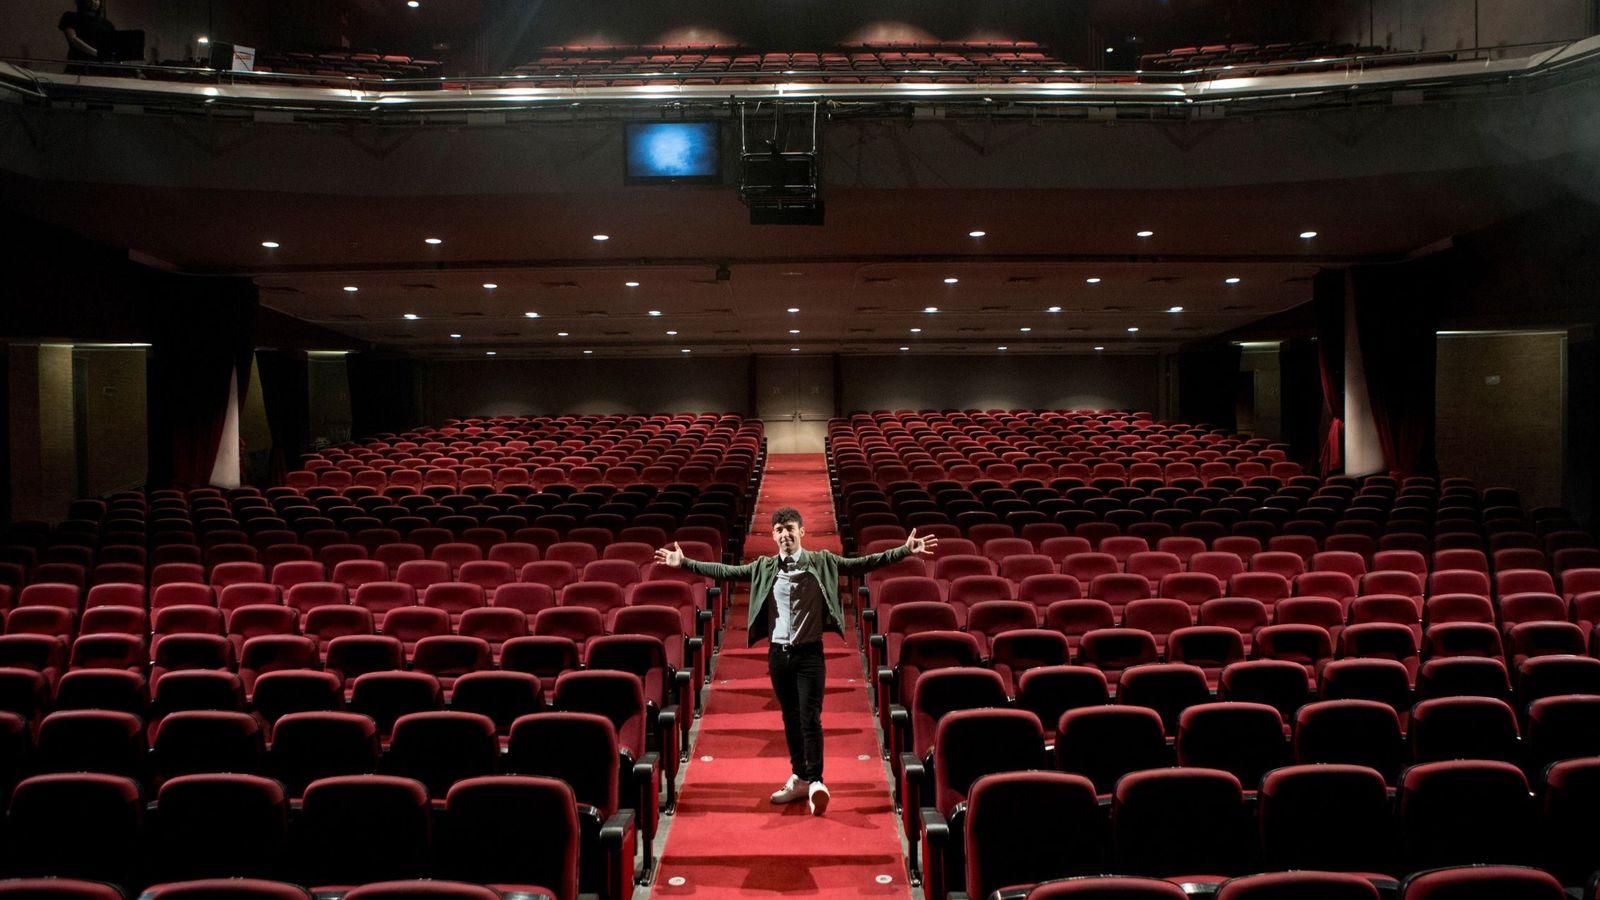 Foto: El Mago Pop (Antonio Díaz) ha comprado el Teatre Victòria de Barcelona y estrenará su show 'Nada es imposibñe' (EFE)